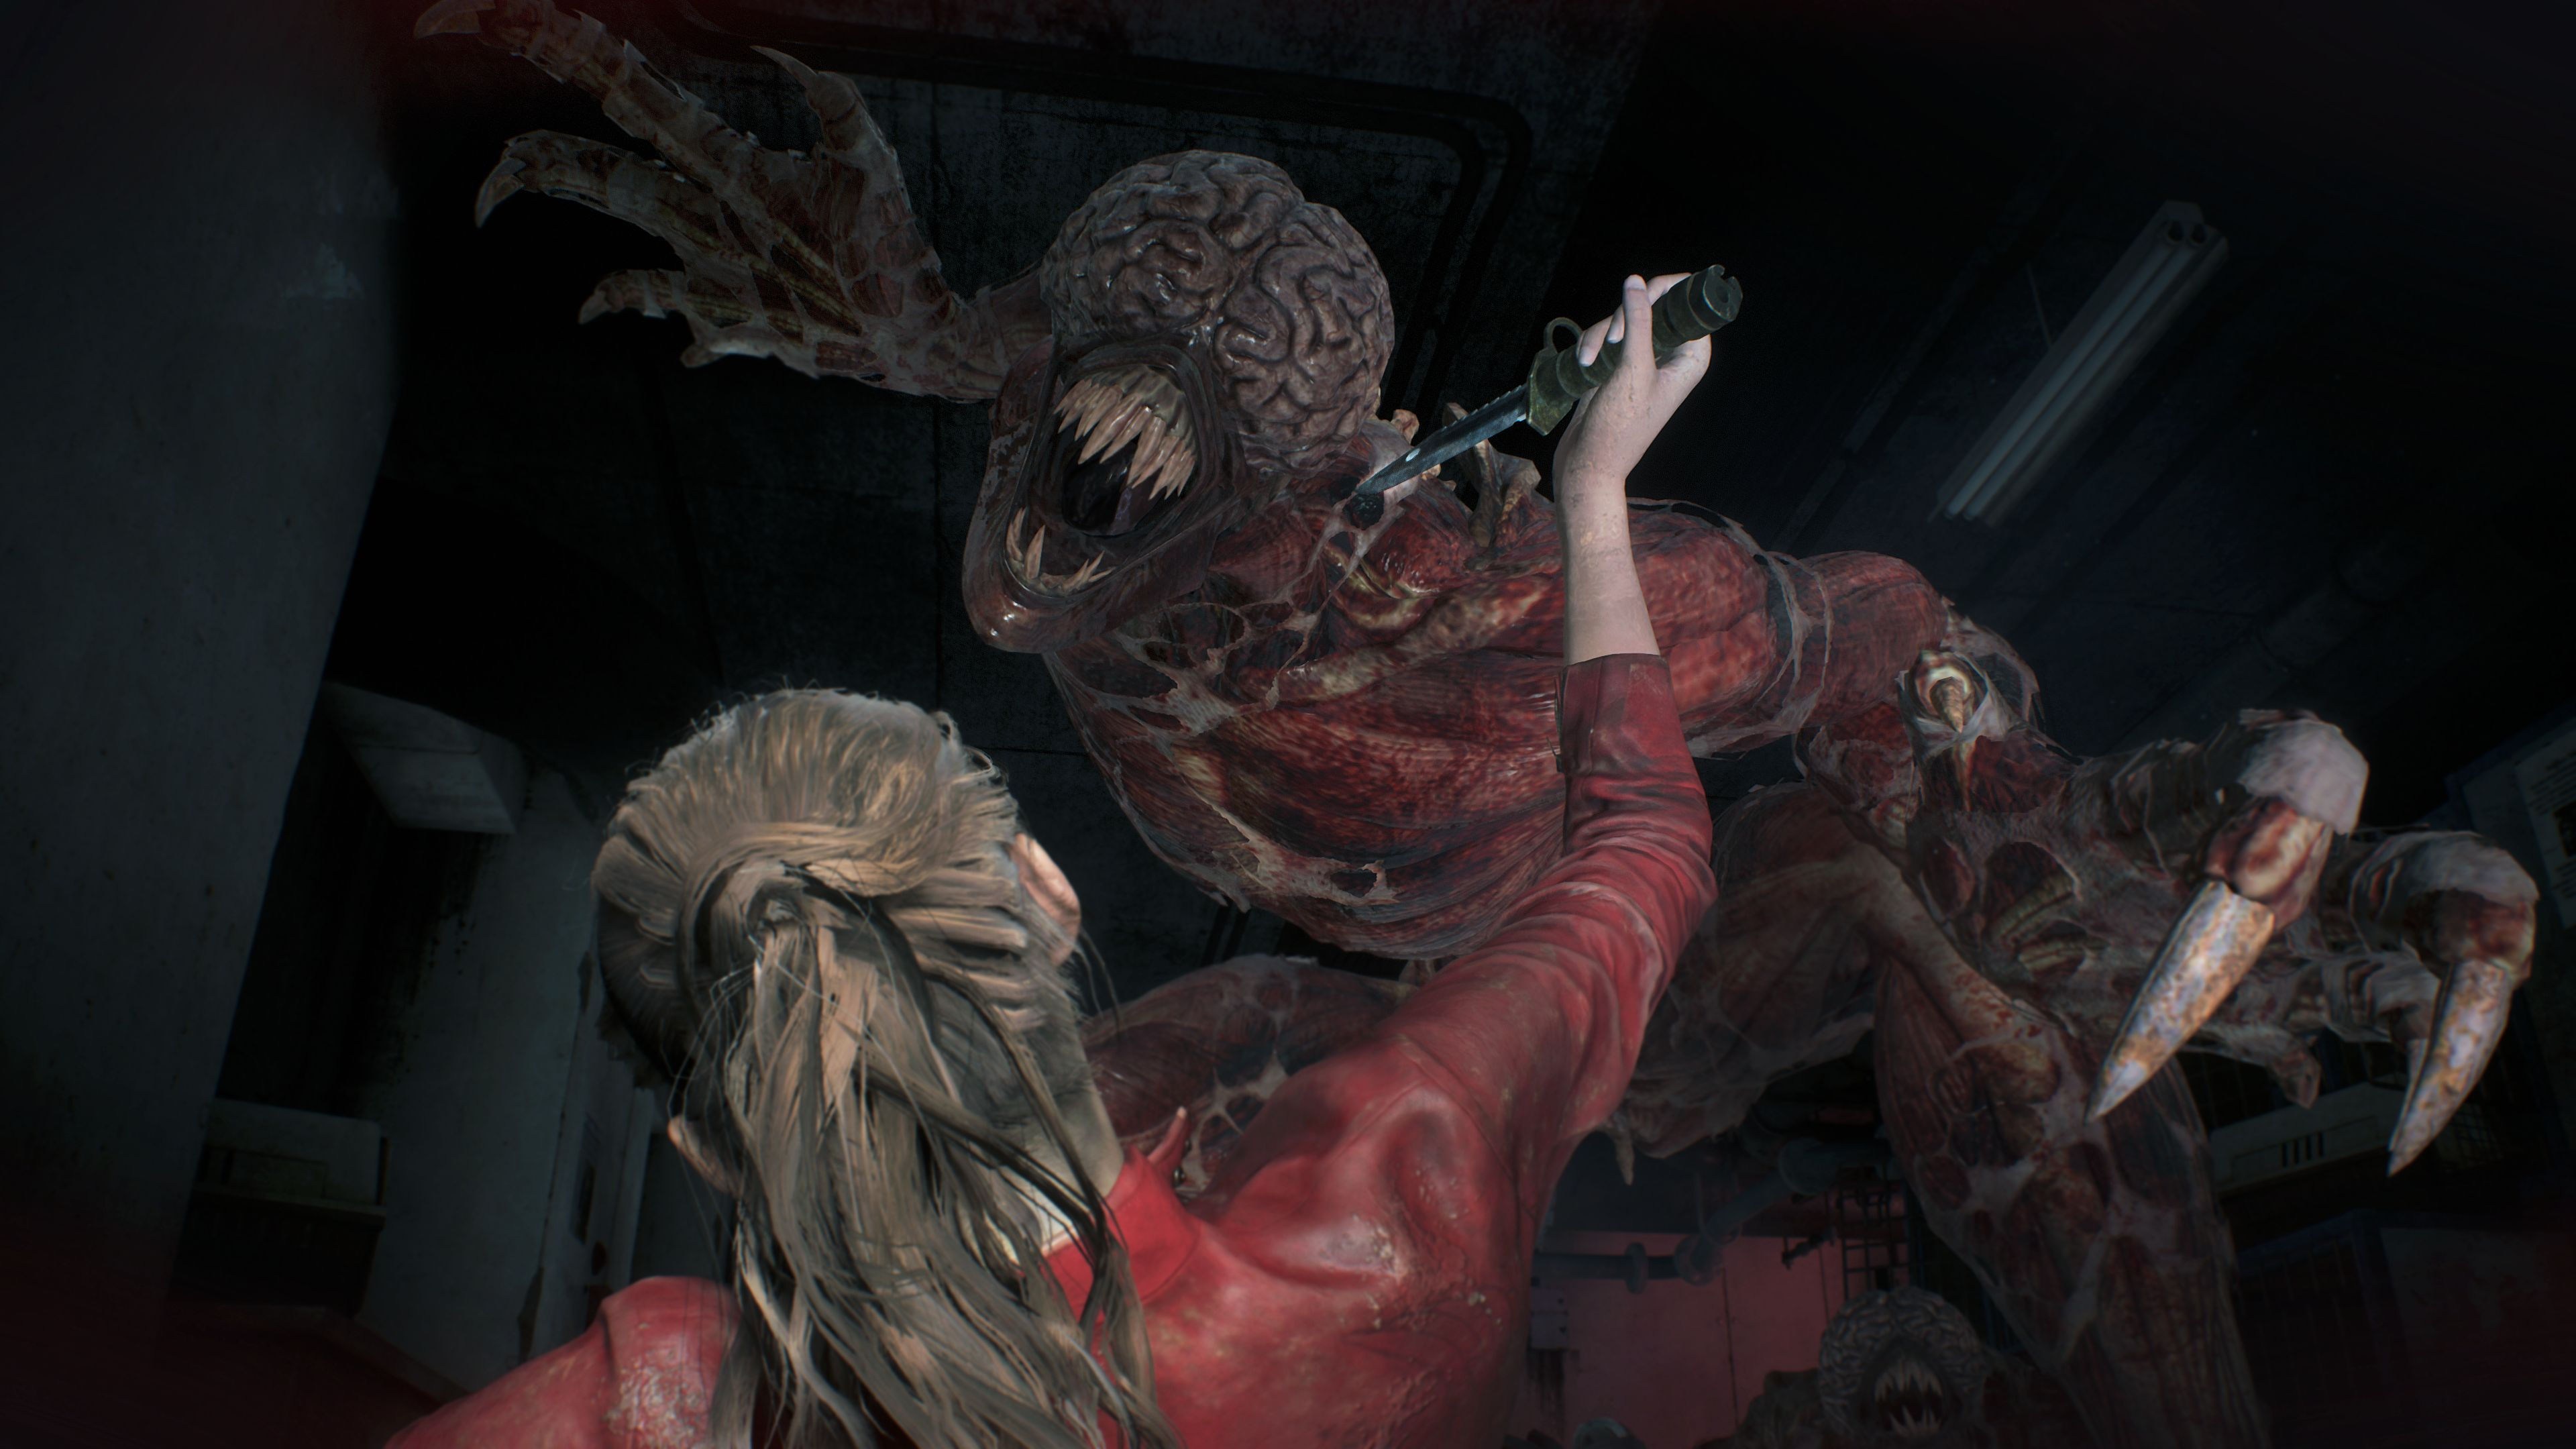 Resident Evil 2: Nie przyzwyczajaj się do noża. Broń biała ulega zniszczeniu.